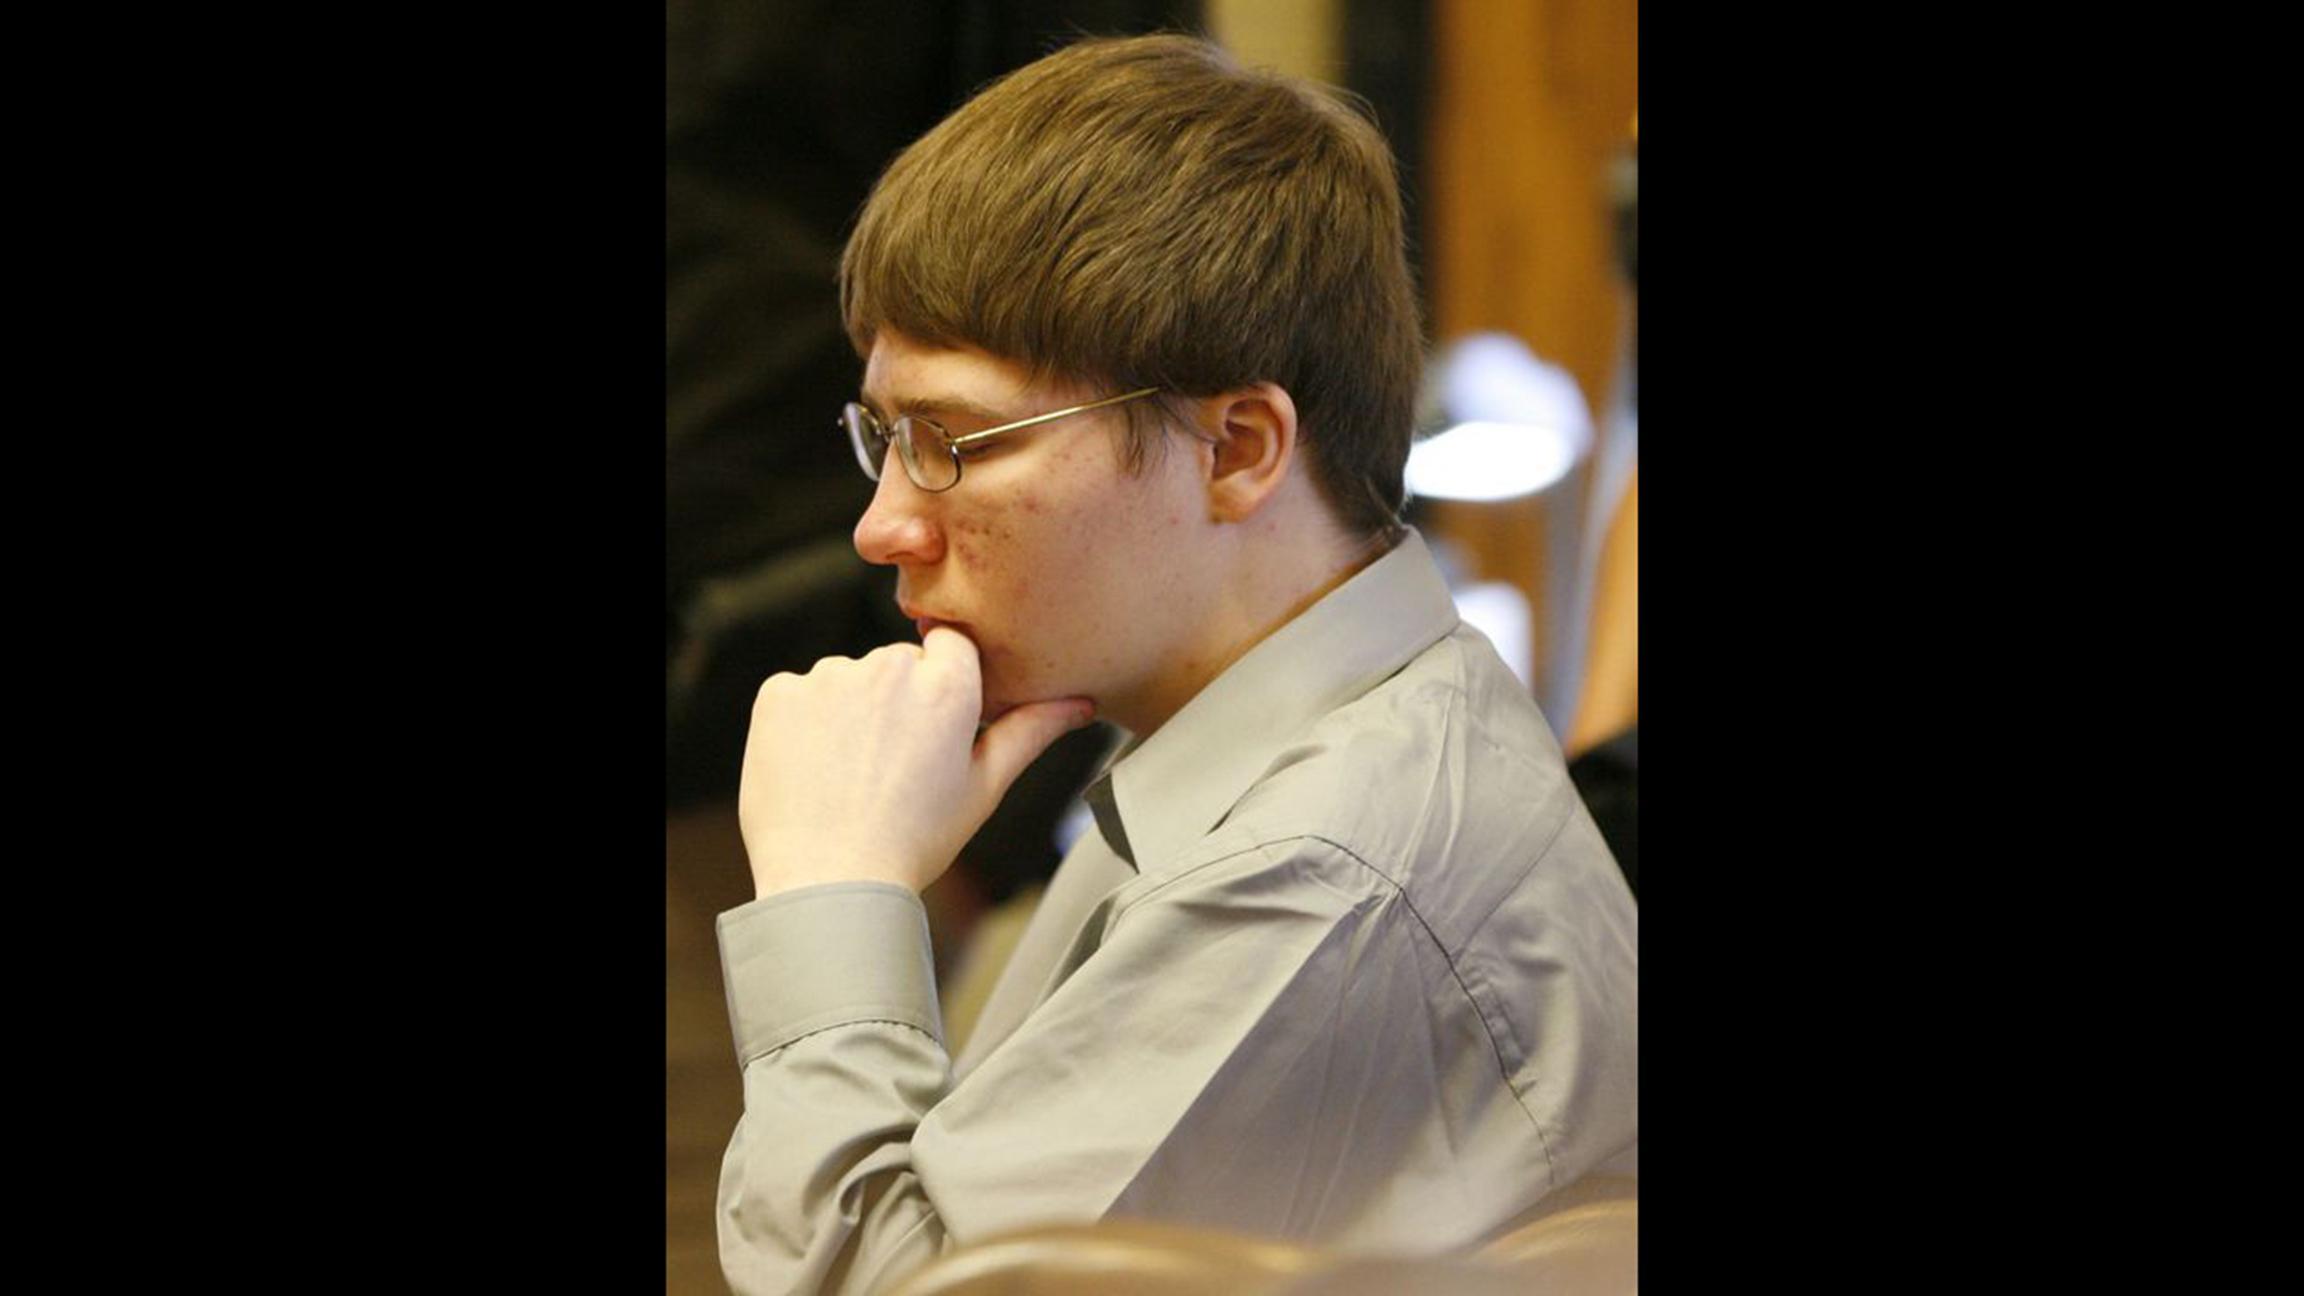 DOJ will appeal ruling in Brendan Dassey case